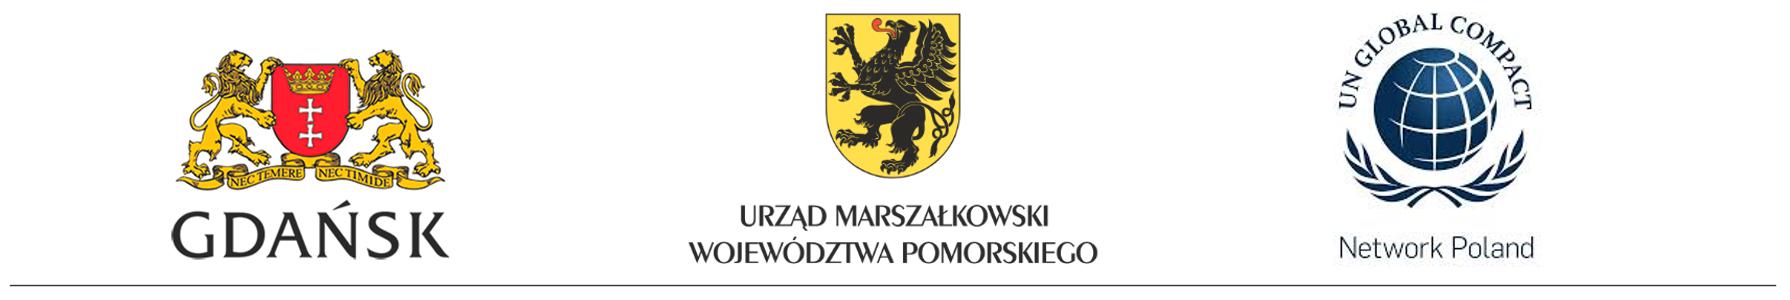 Logotyp Gdańska, Urzędu Marszałkowskiego Województwa Pomorskiego oraz firmy Global Compact